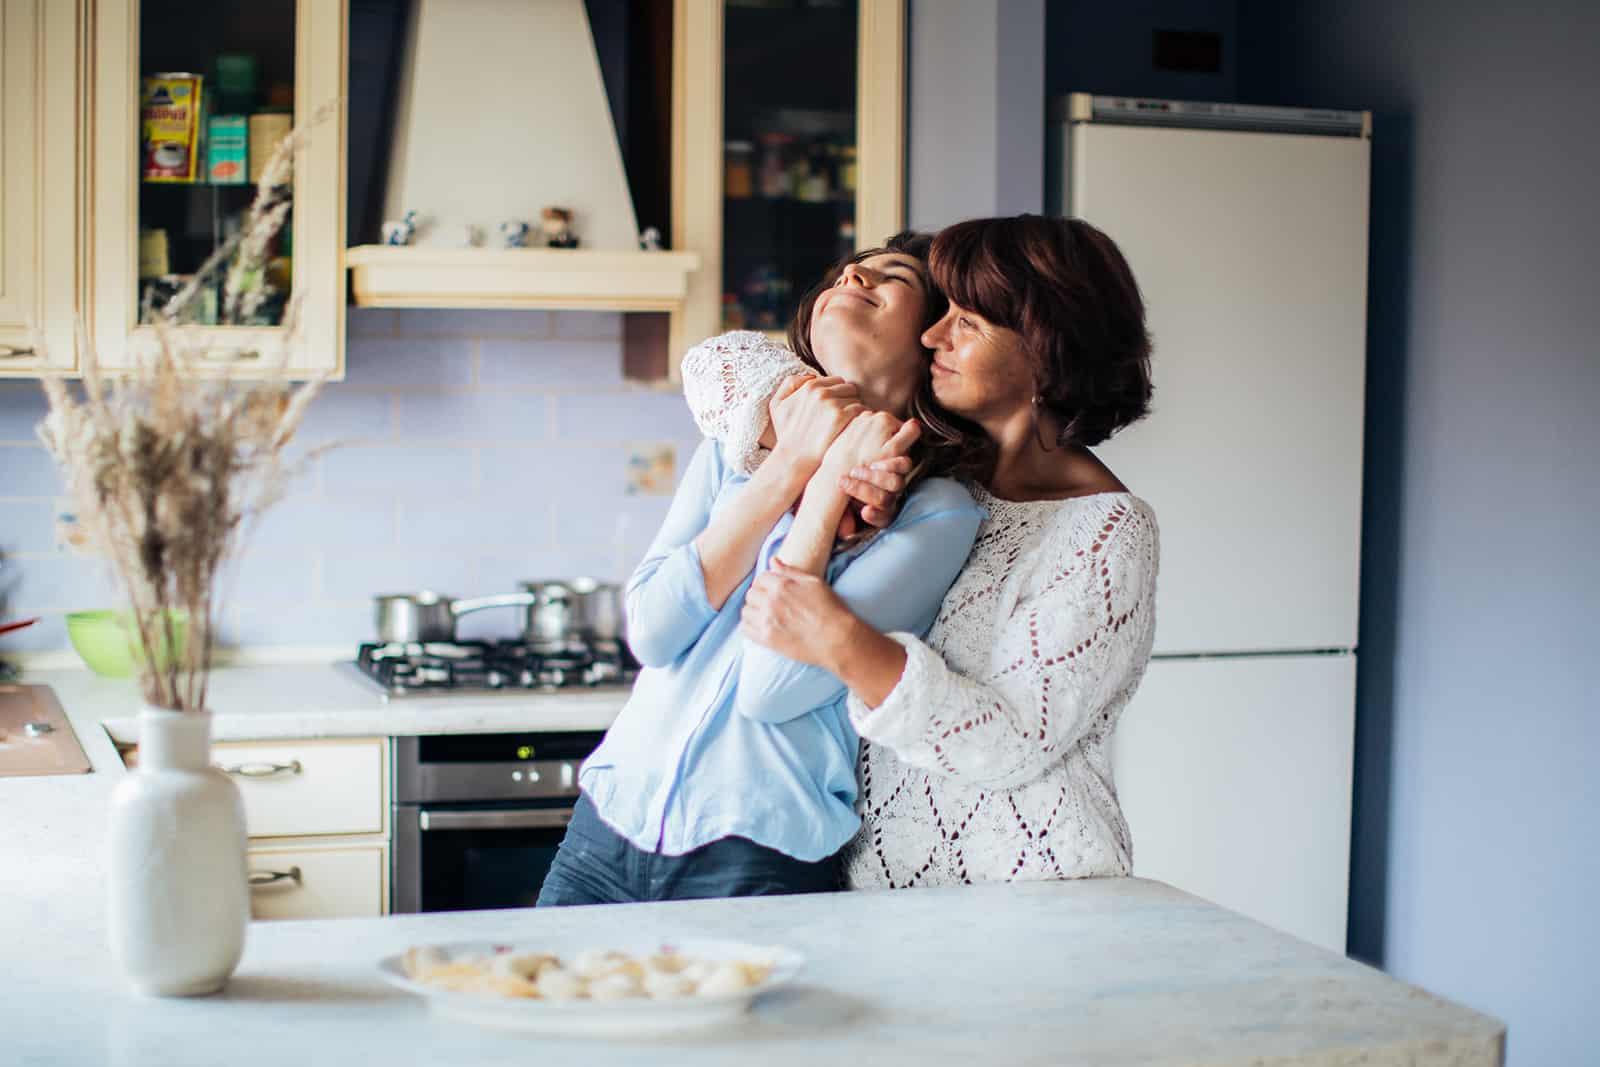 Eine reife Mutter umarmt ihre Tochter und steht in der Küche